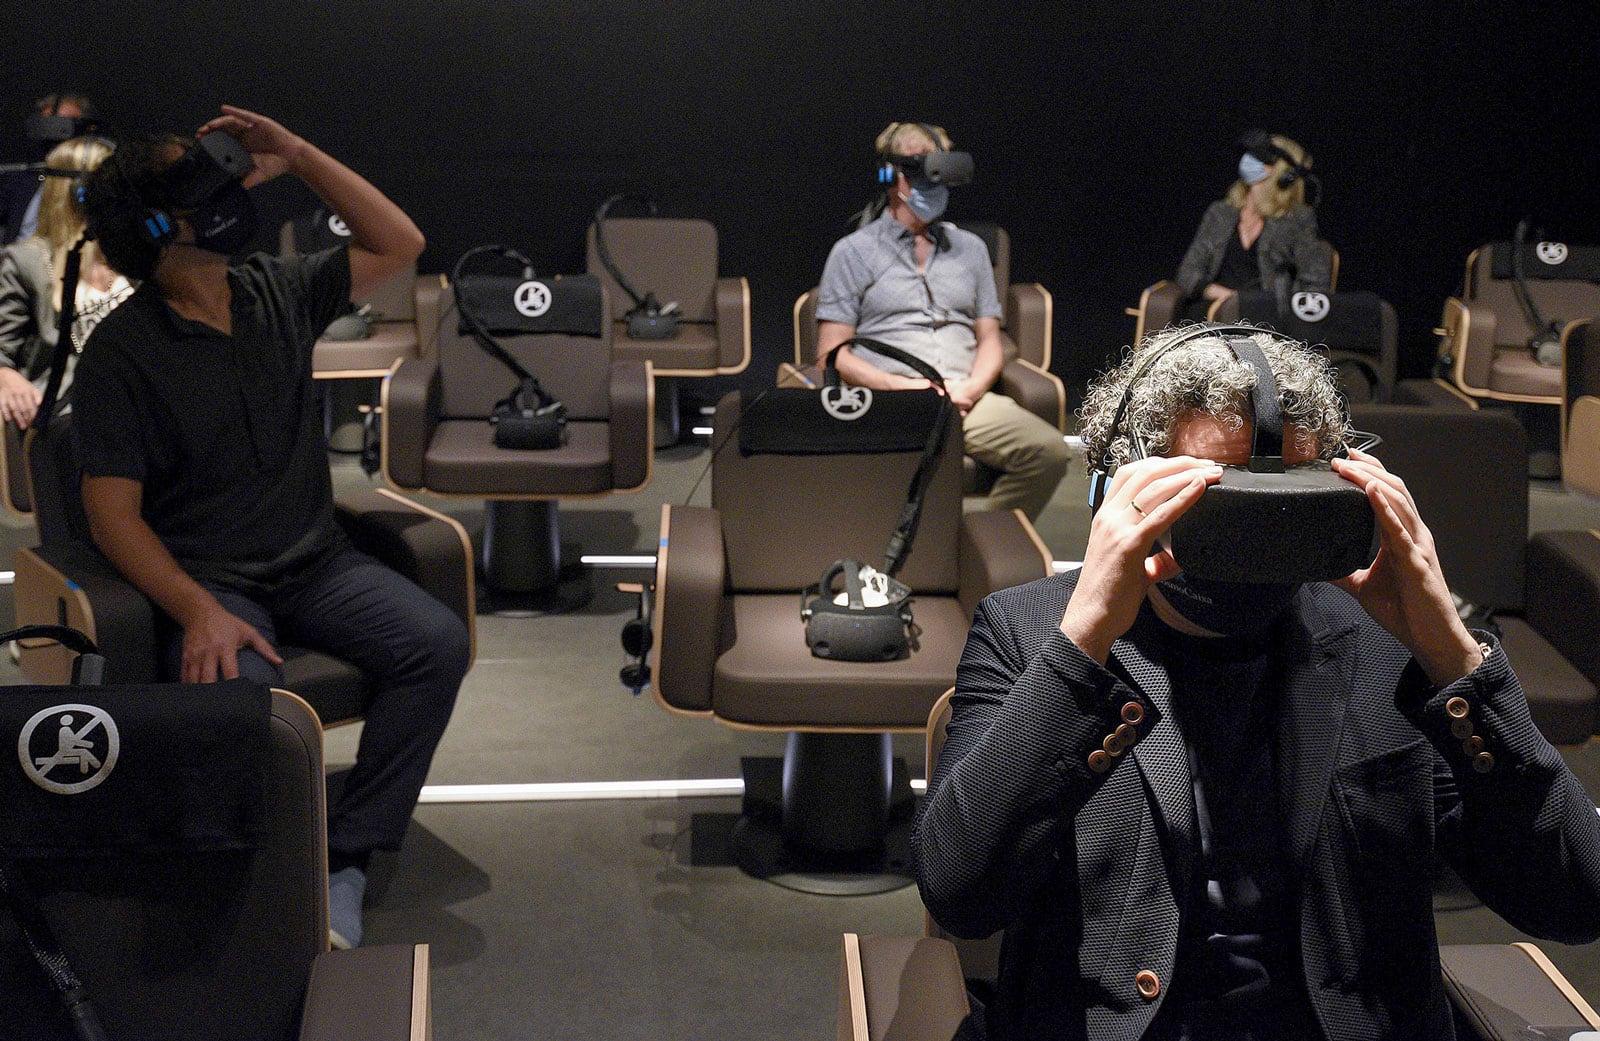 El director d'orquestra, Gustavo Dudamel, en el moment de visualitzar la pel·lícula de realitat virtual Symphony. Fotografia de David Campos.